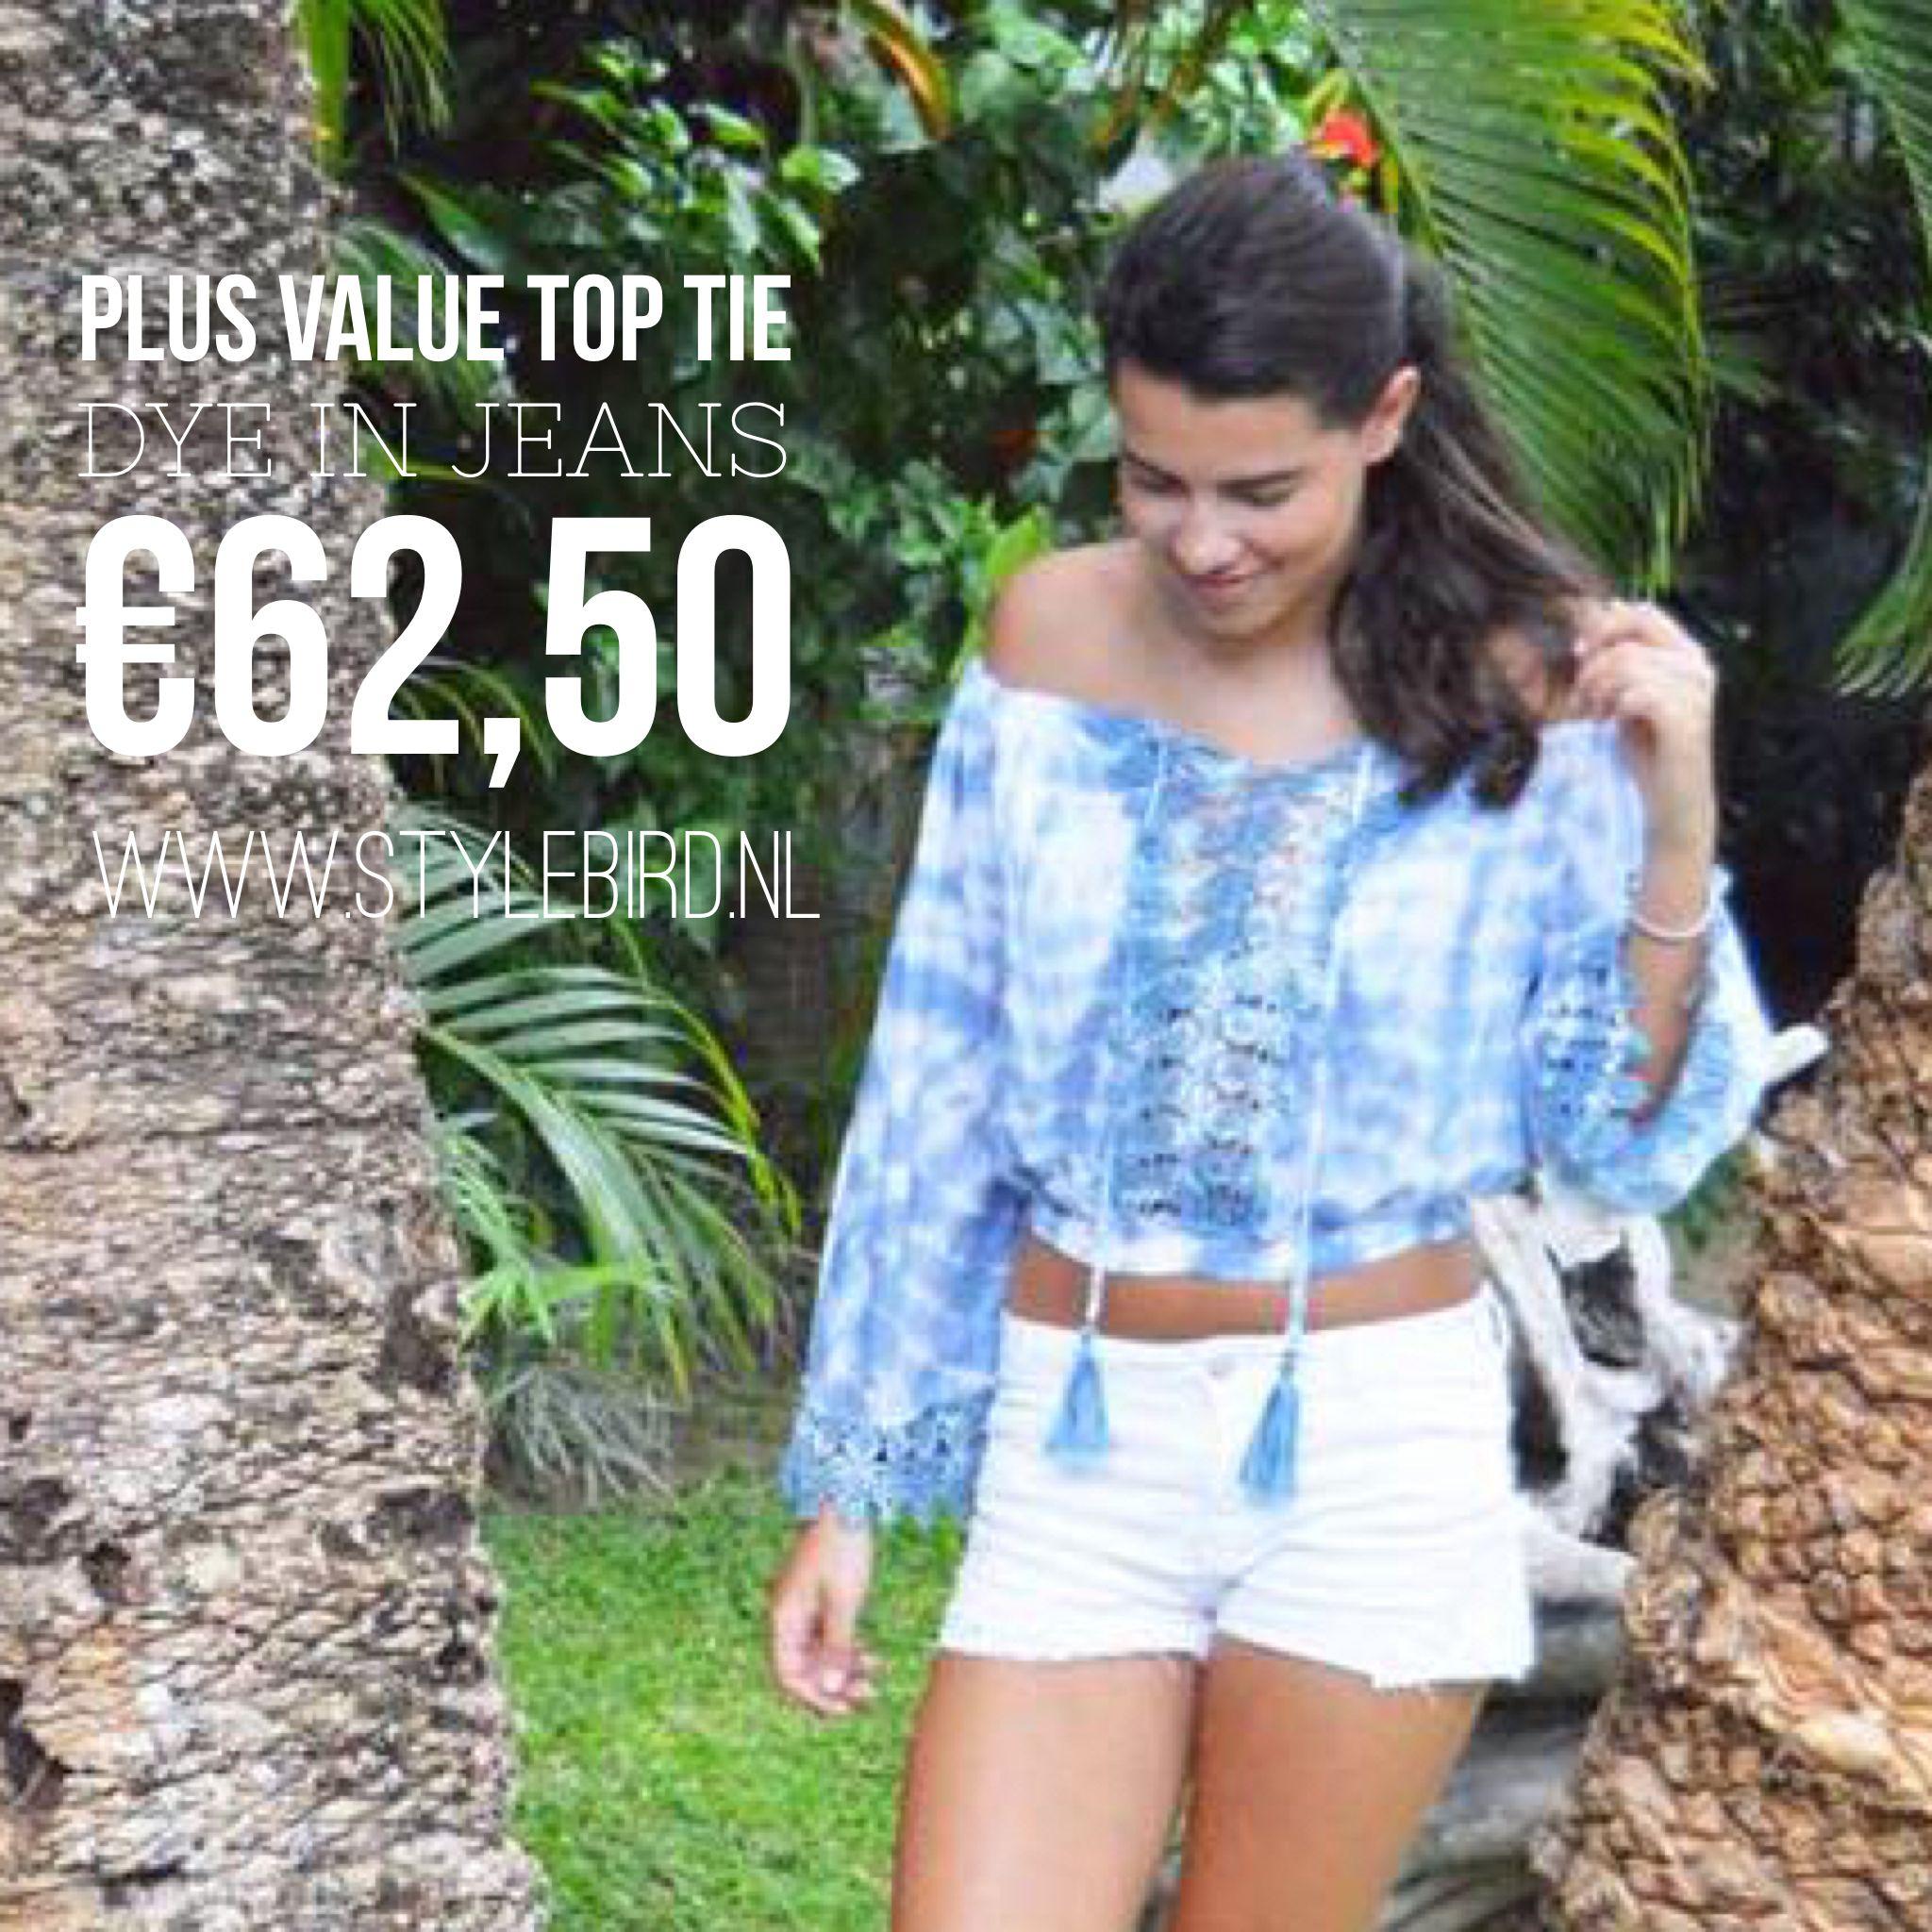 Plus Value zomercollectie  online verkrijgbaar bij www.stylebird.nl